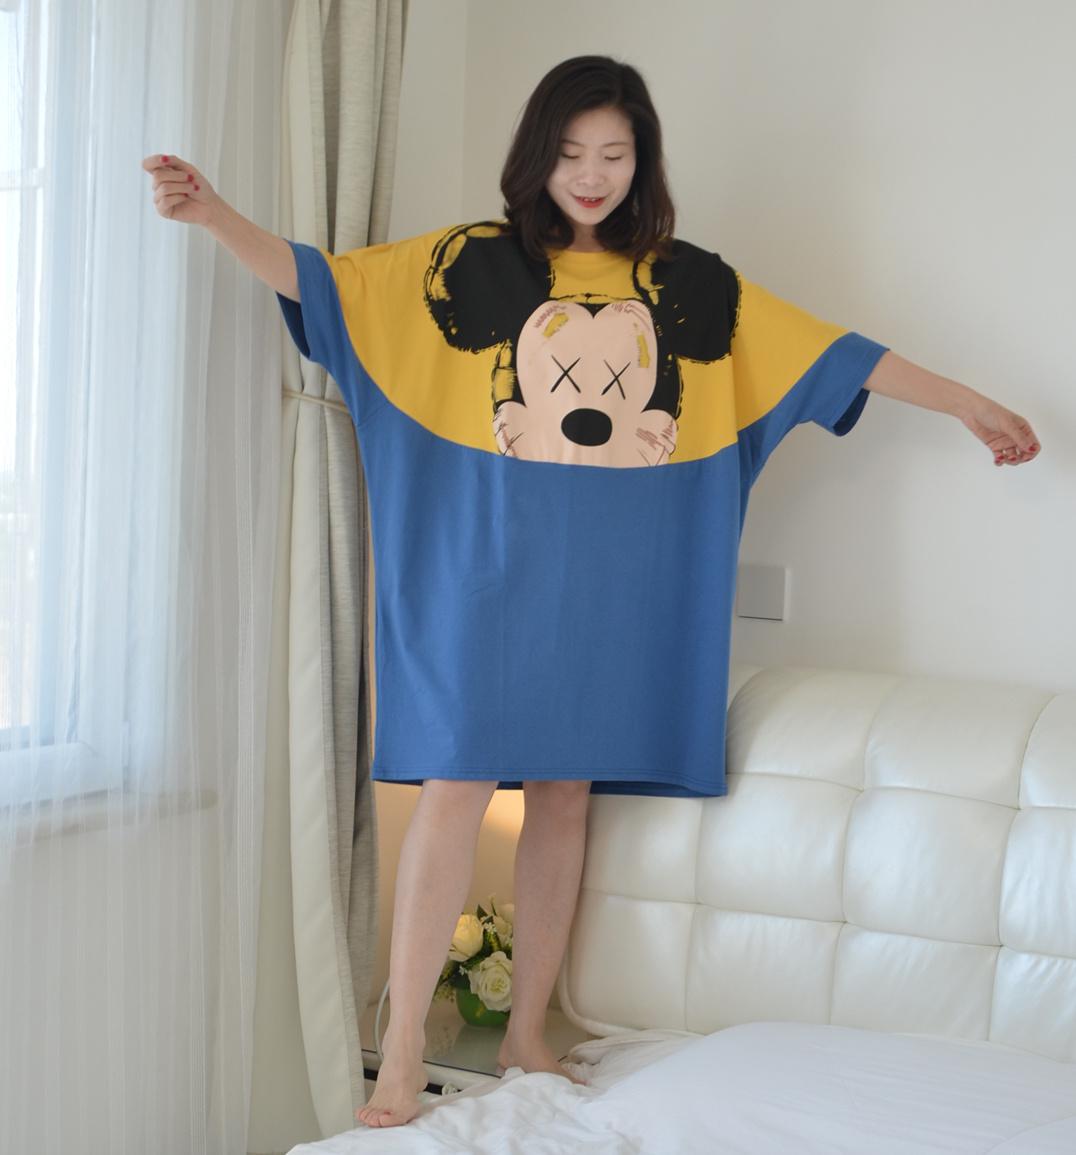 卡通T恤睡裙女夏季短袖纯棉宽松可爱外穿睡衣200斤加大码家居服